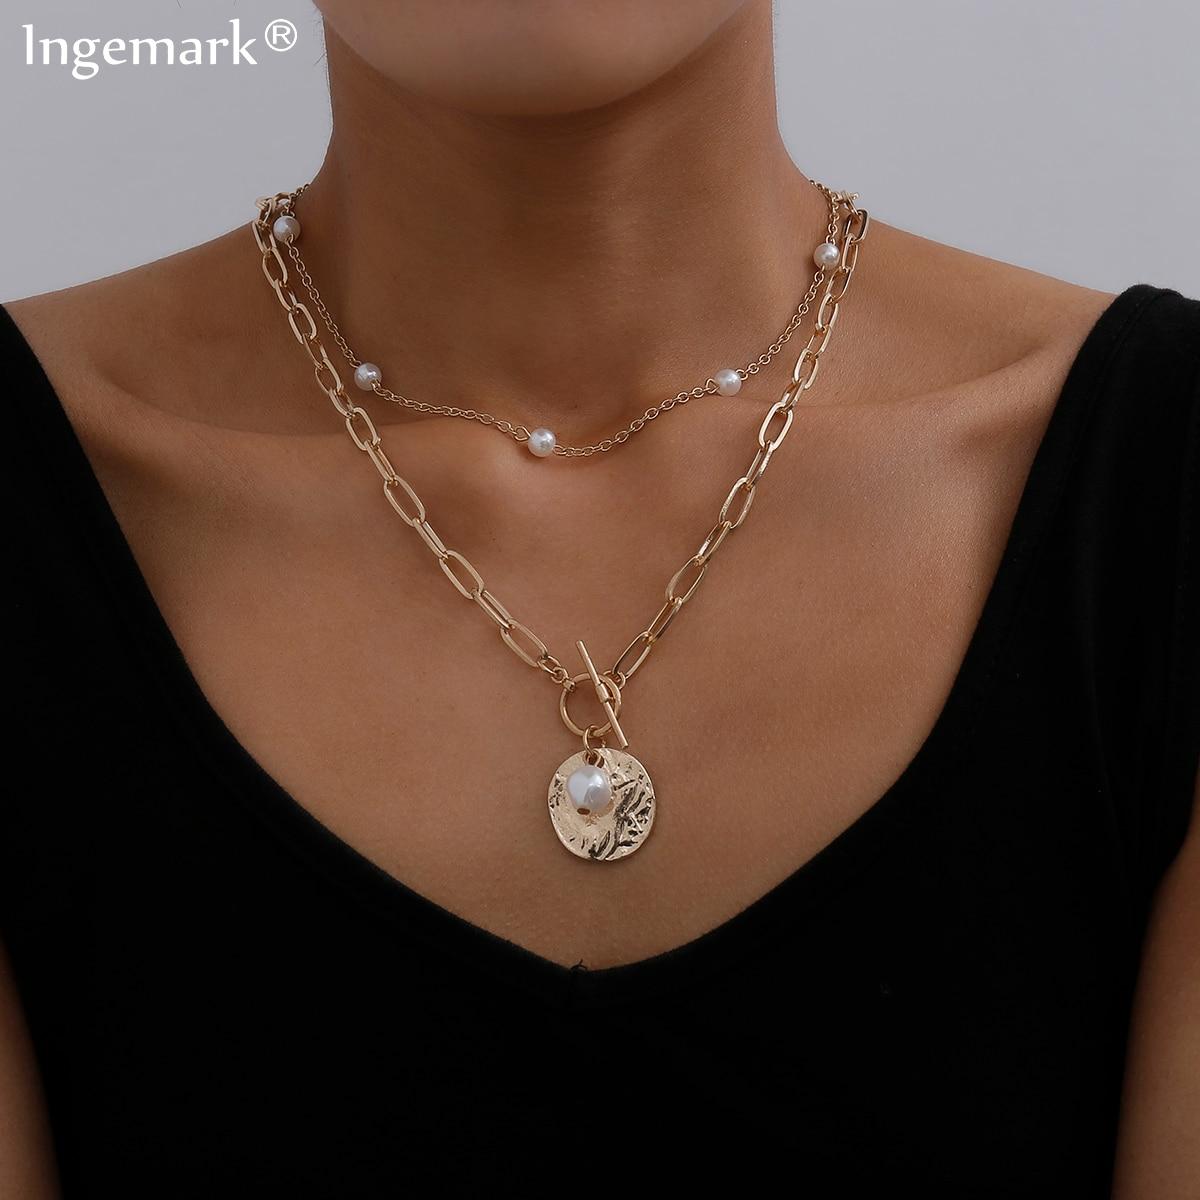 Collana girocollo con ciondolo a forma di moneta barocca gotica per donna regalo di gioielli con collana a catena lunga Color oro Lariat 1